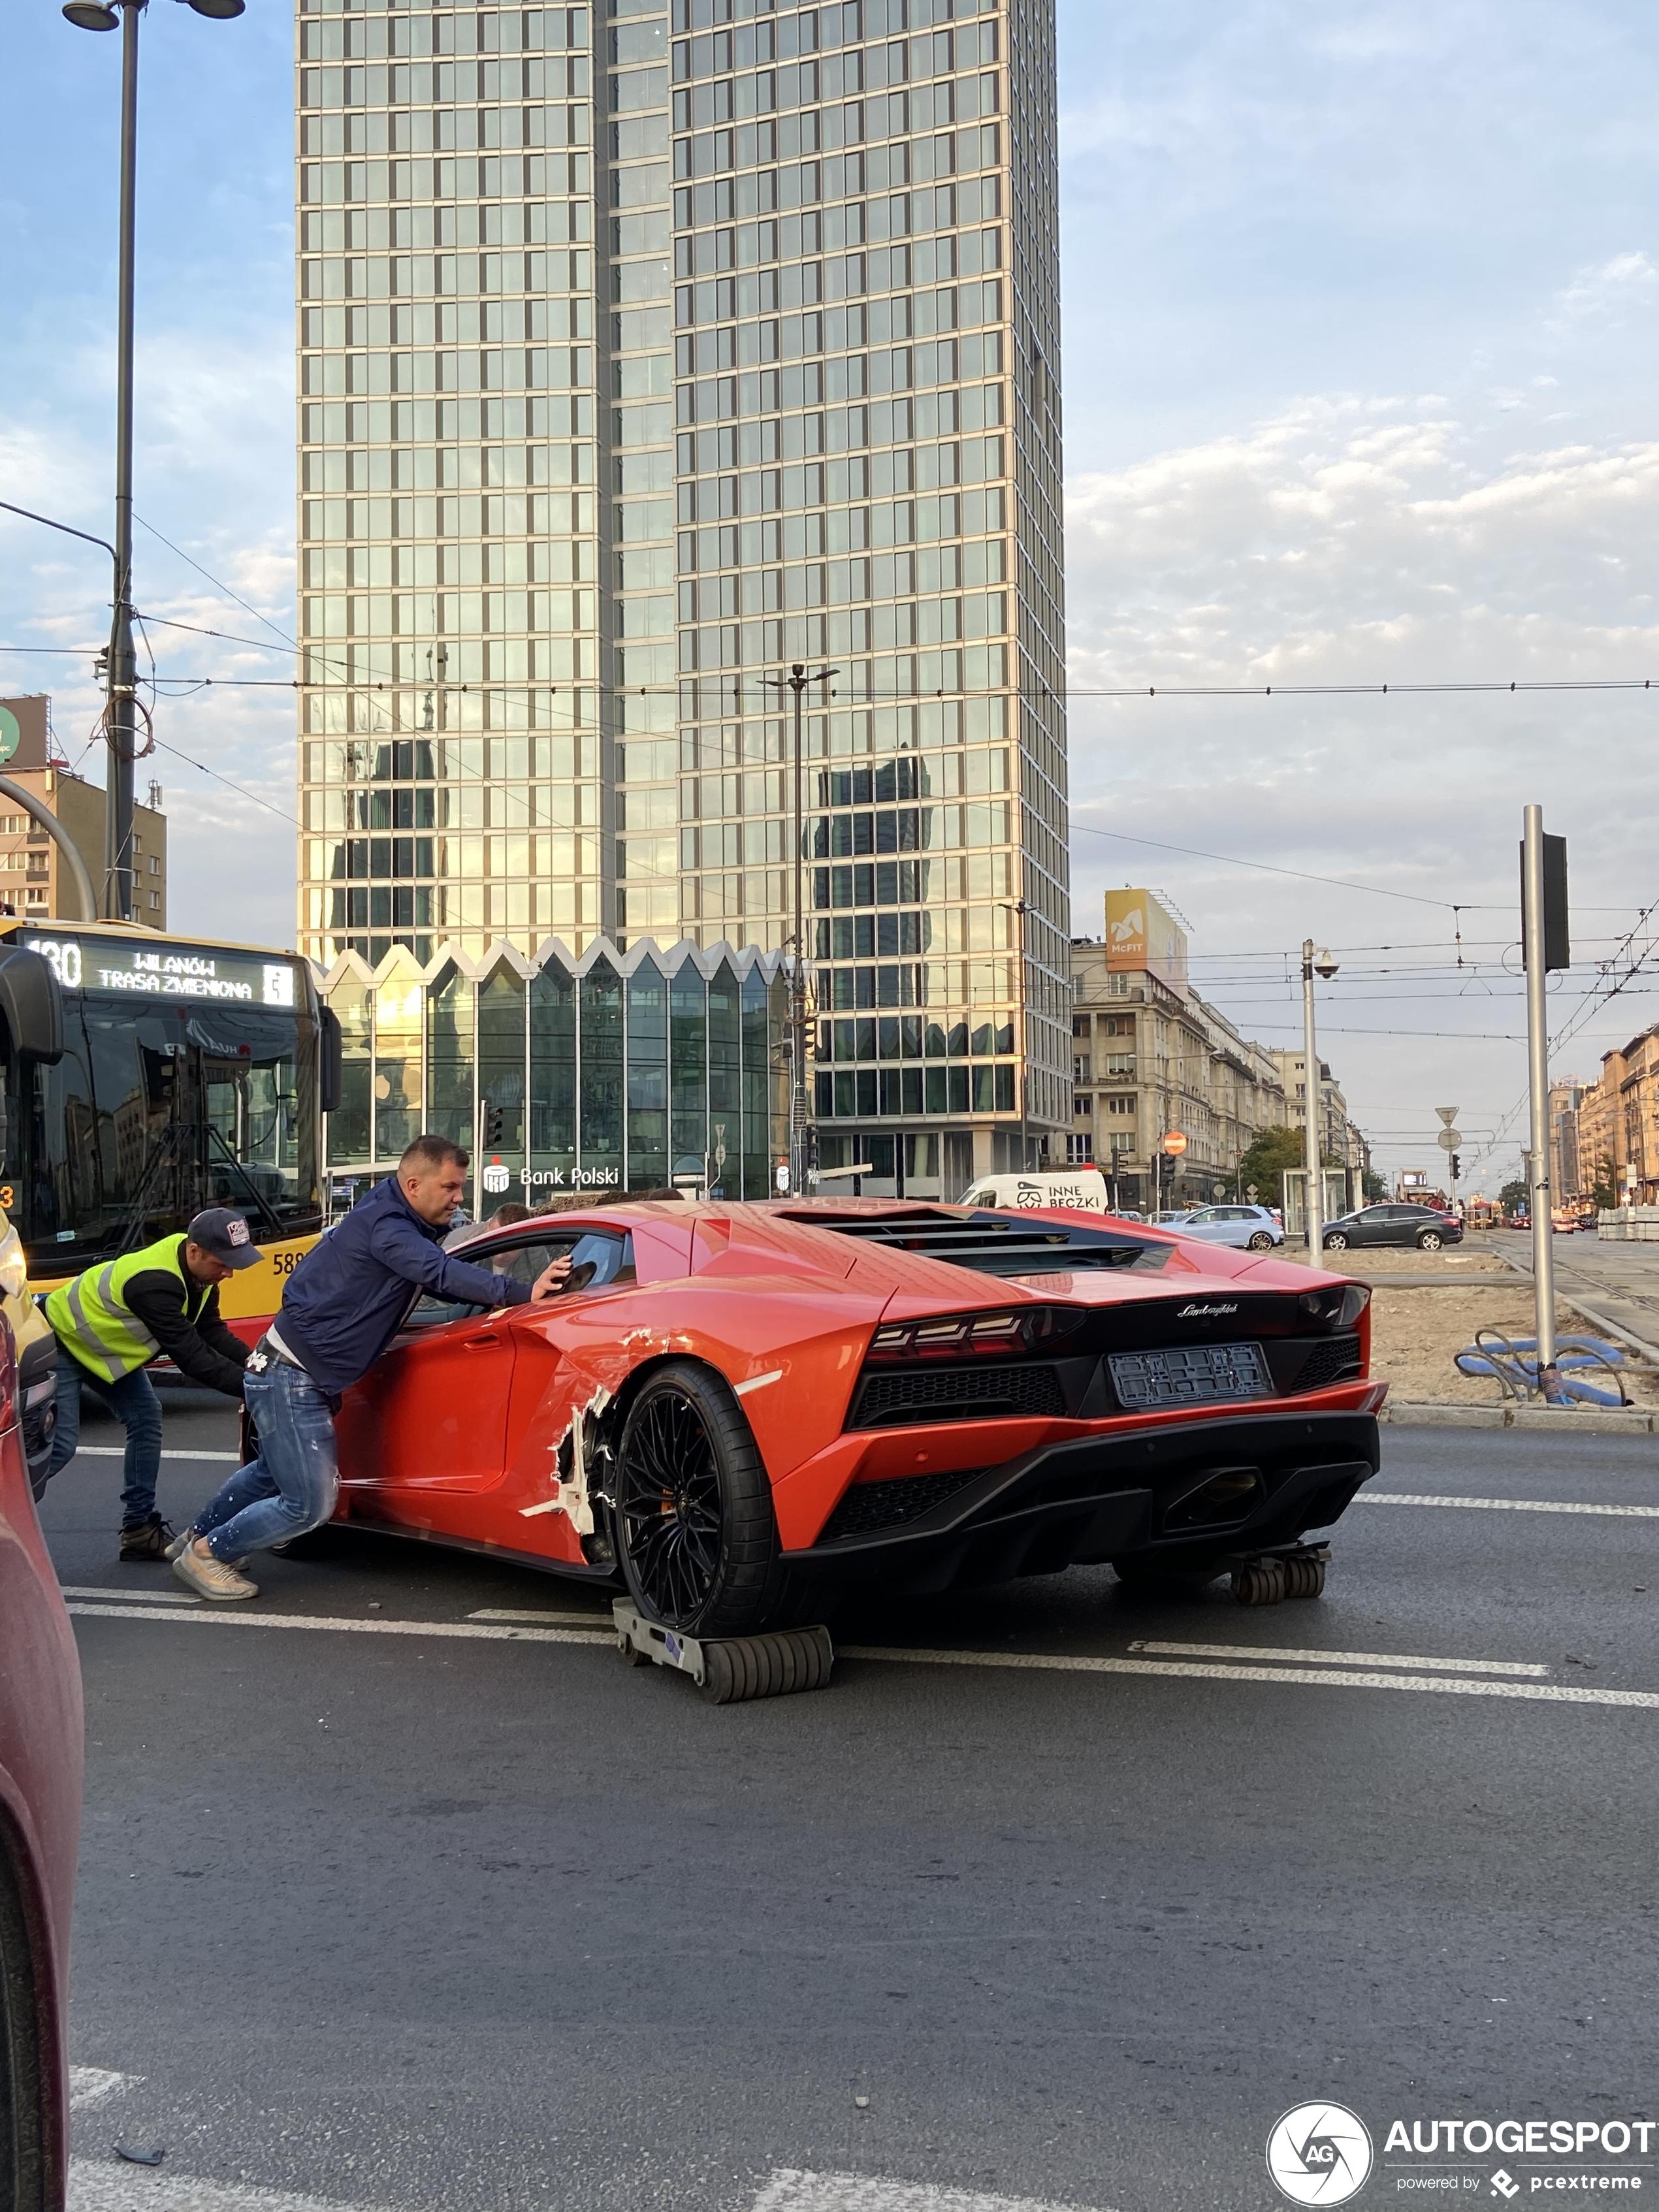 Lamborghini Aventador S heeft een rollator nodig